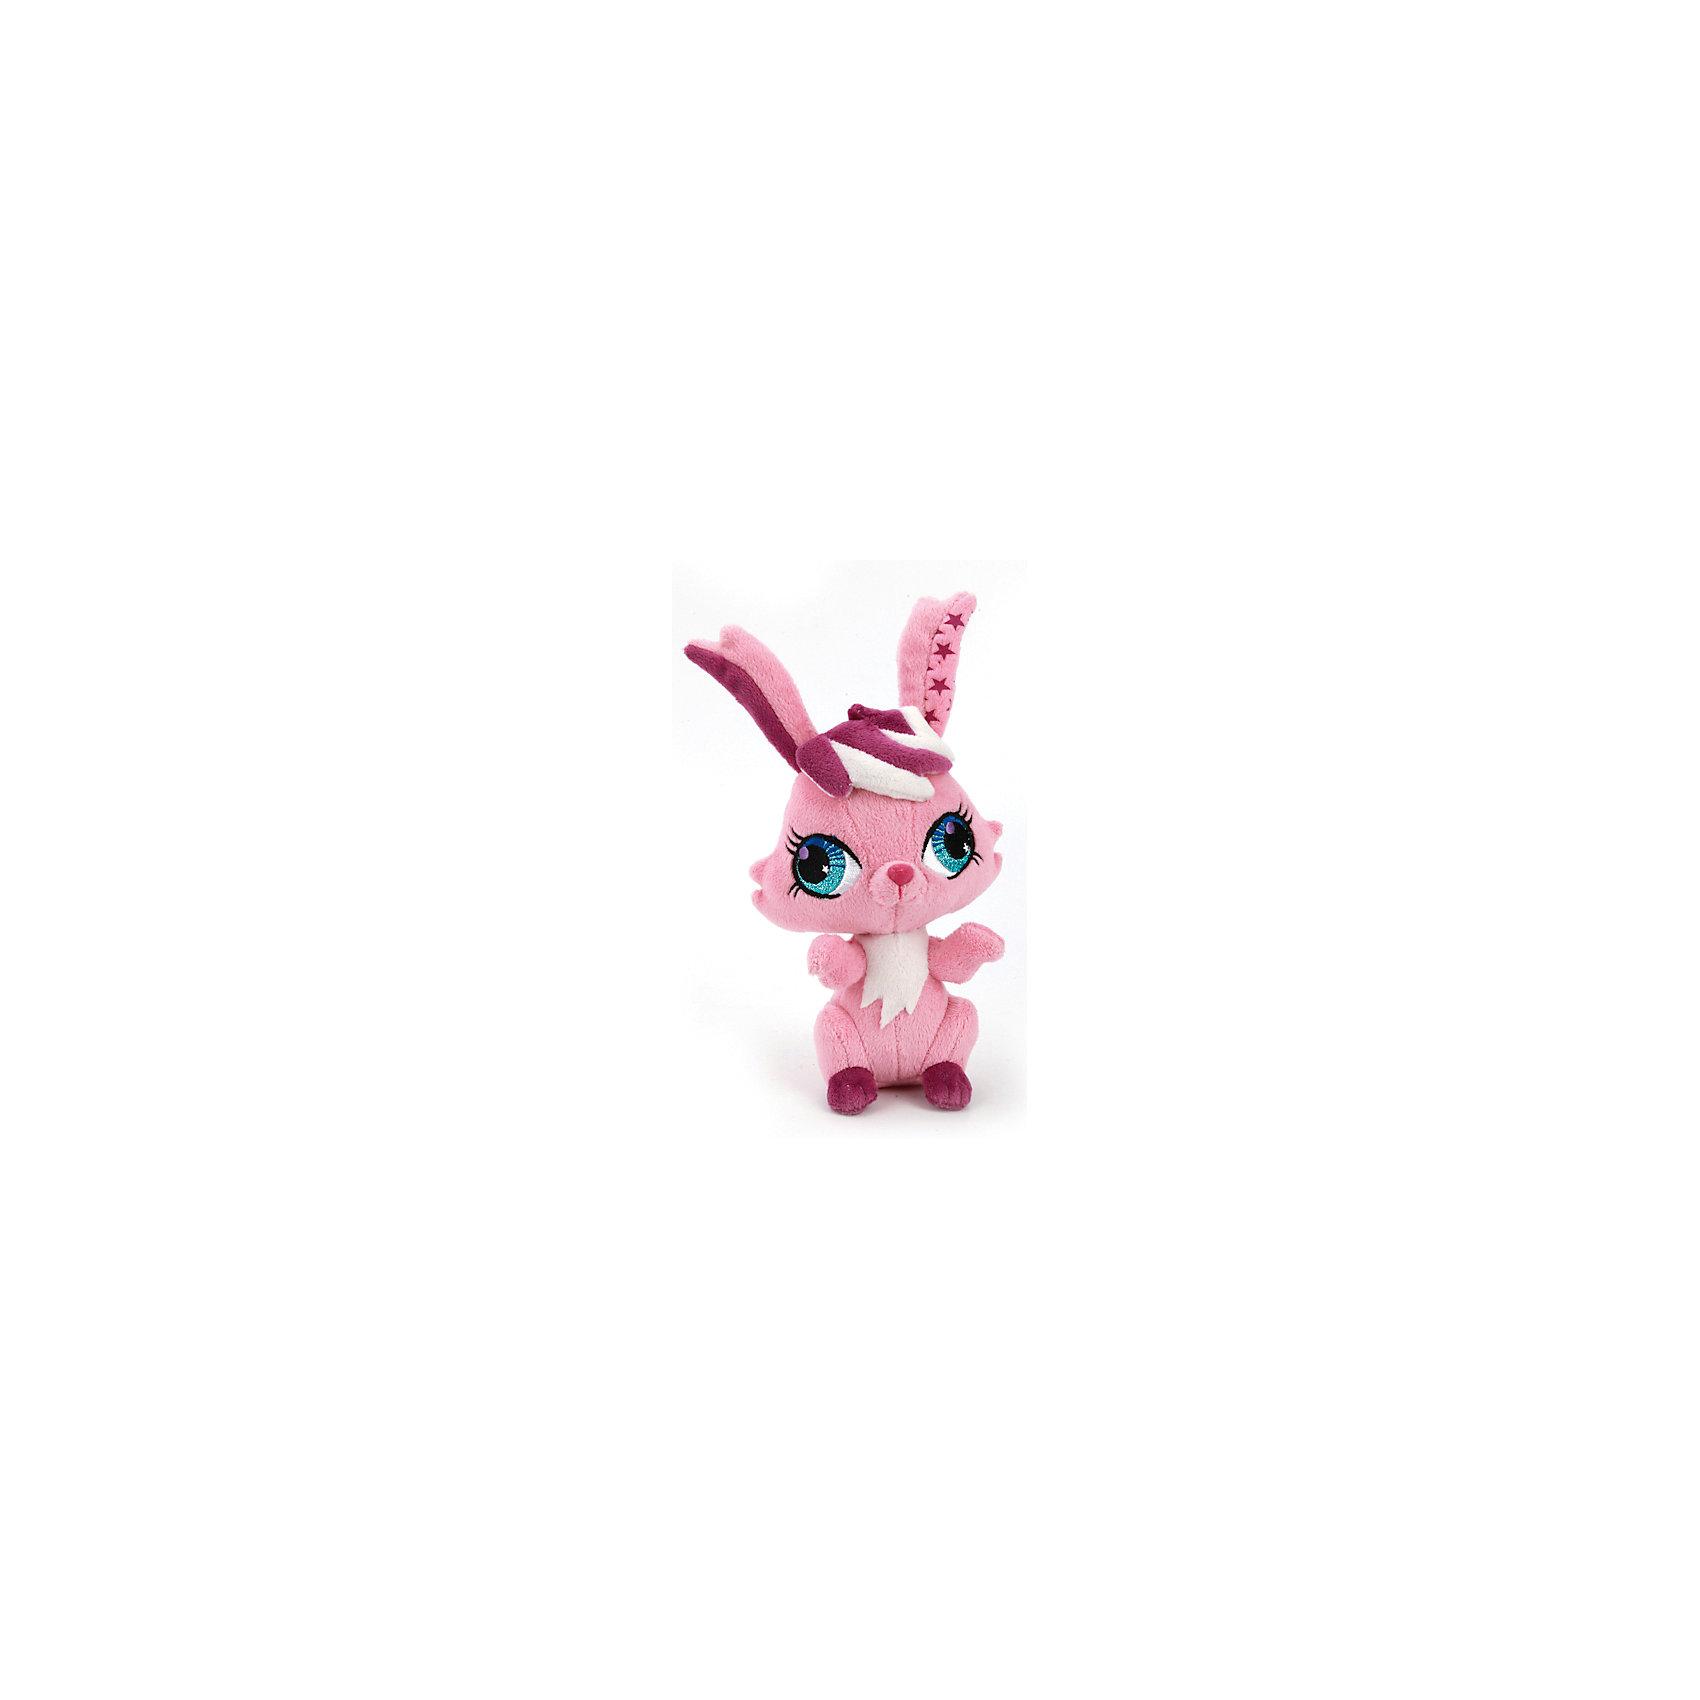 МУЛЬТИ-ПУЛЬТИ Мягкая игрушка  Кролик, 16 см, со звуком, МУЛЬТИ-ПУЛЬТИ мульти пульти мягкая игрушка серый мышонок 23 см со звуком кот леопольд мульти пульти